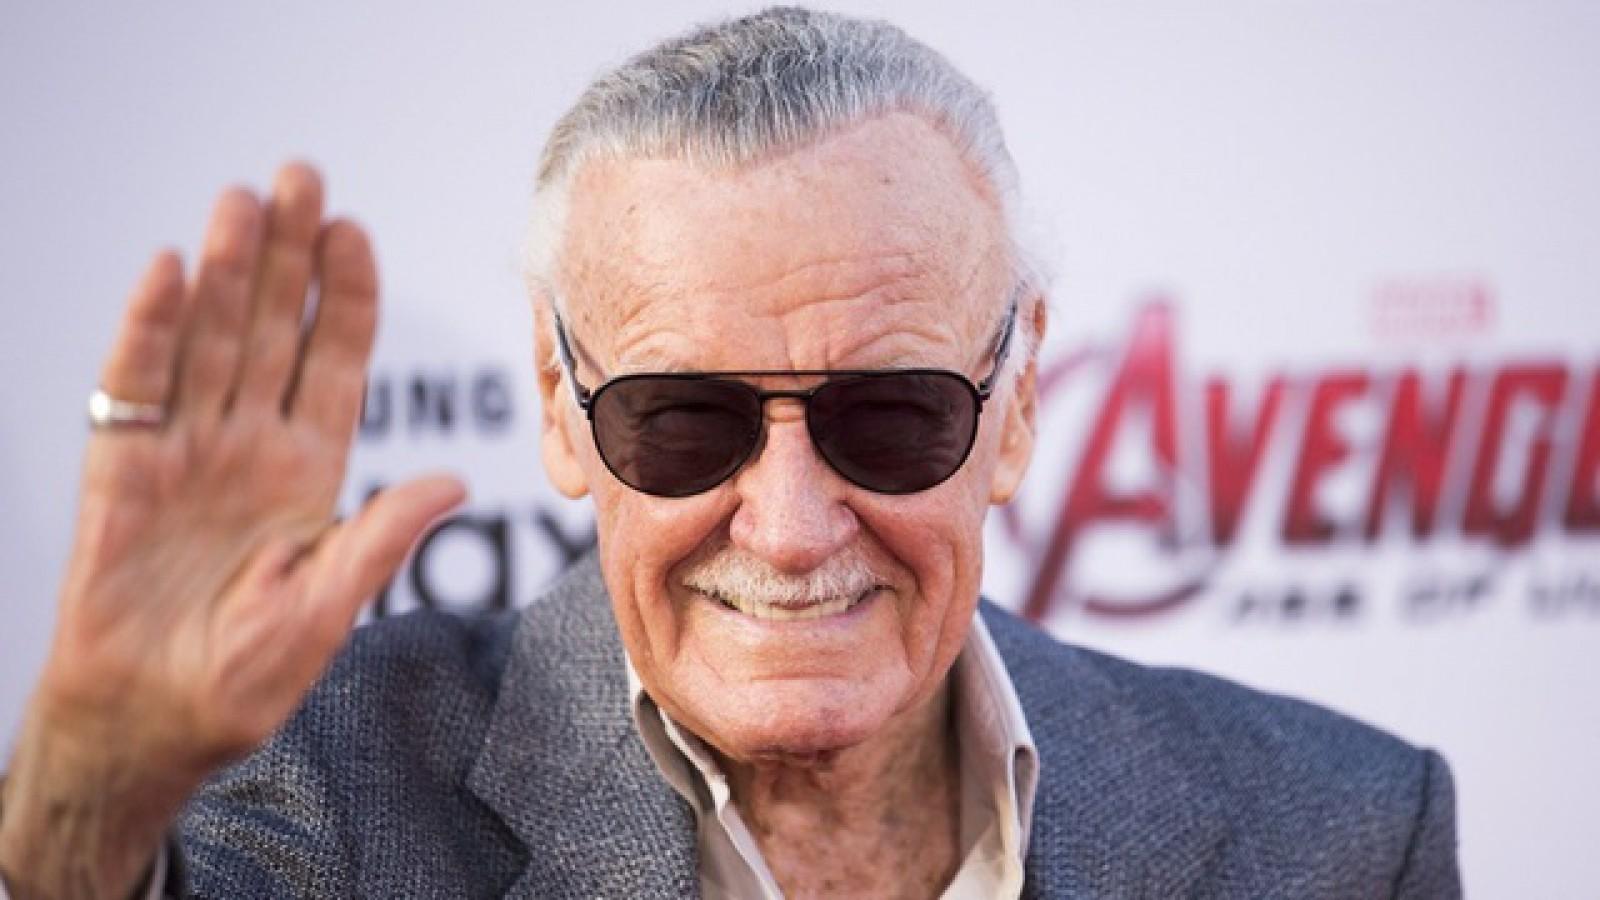 """Siri """"l-a omorât"""" pe Stan Lee. Asistentul virtual a fost indus în eroare de Wikipedia"""